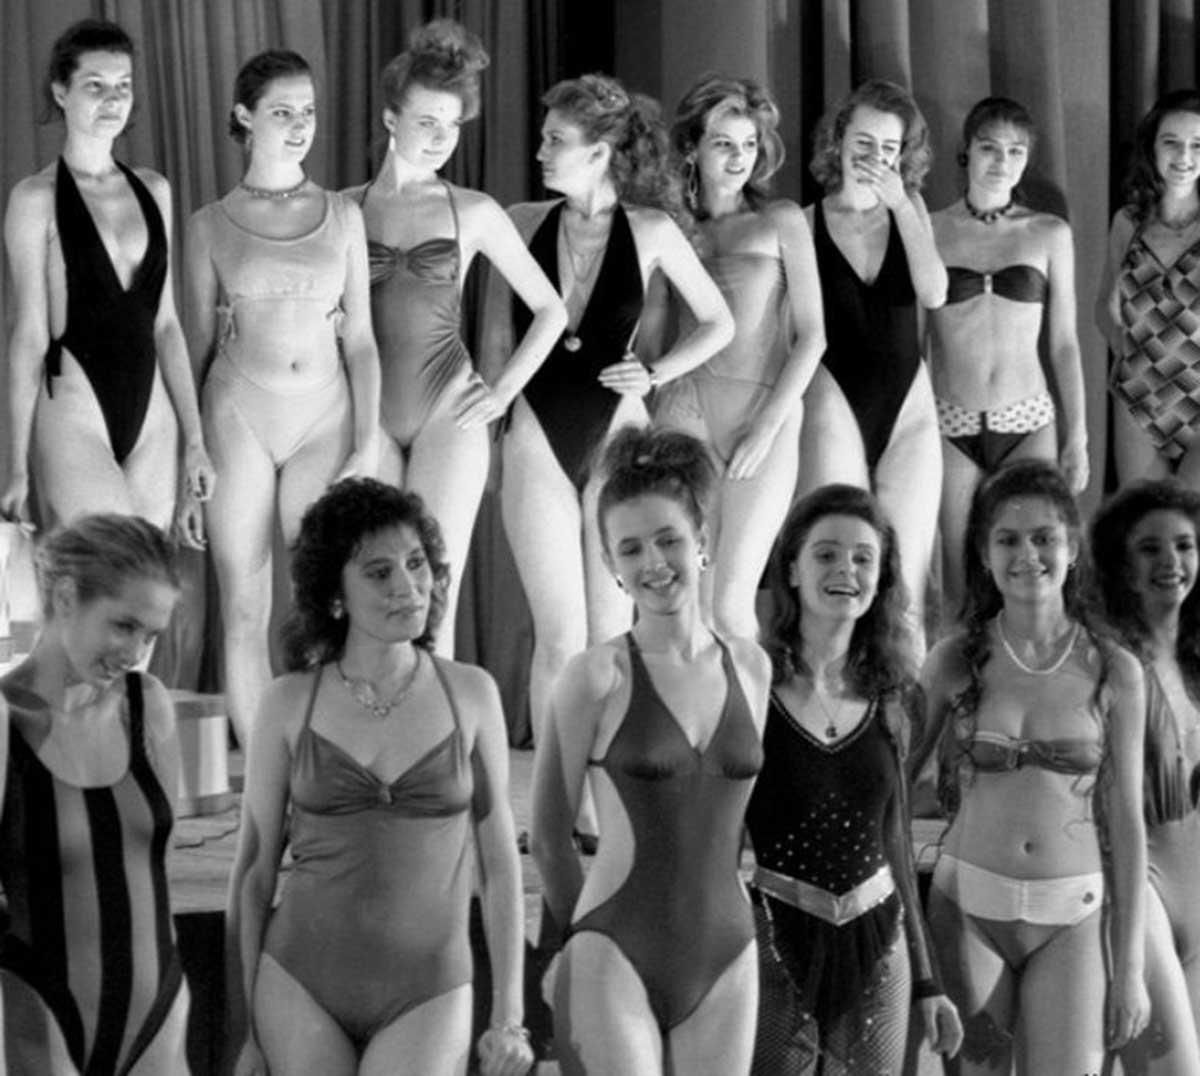 Конкурсите за красота са забранени в СССР от 1959 г. до 1988 г